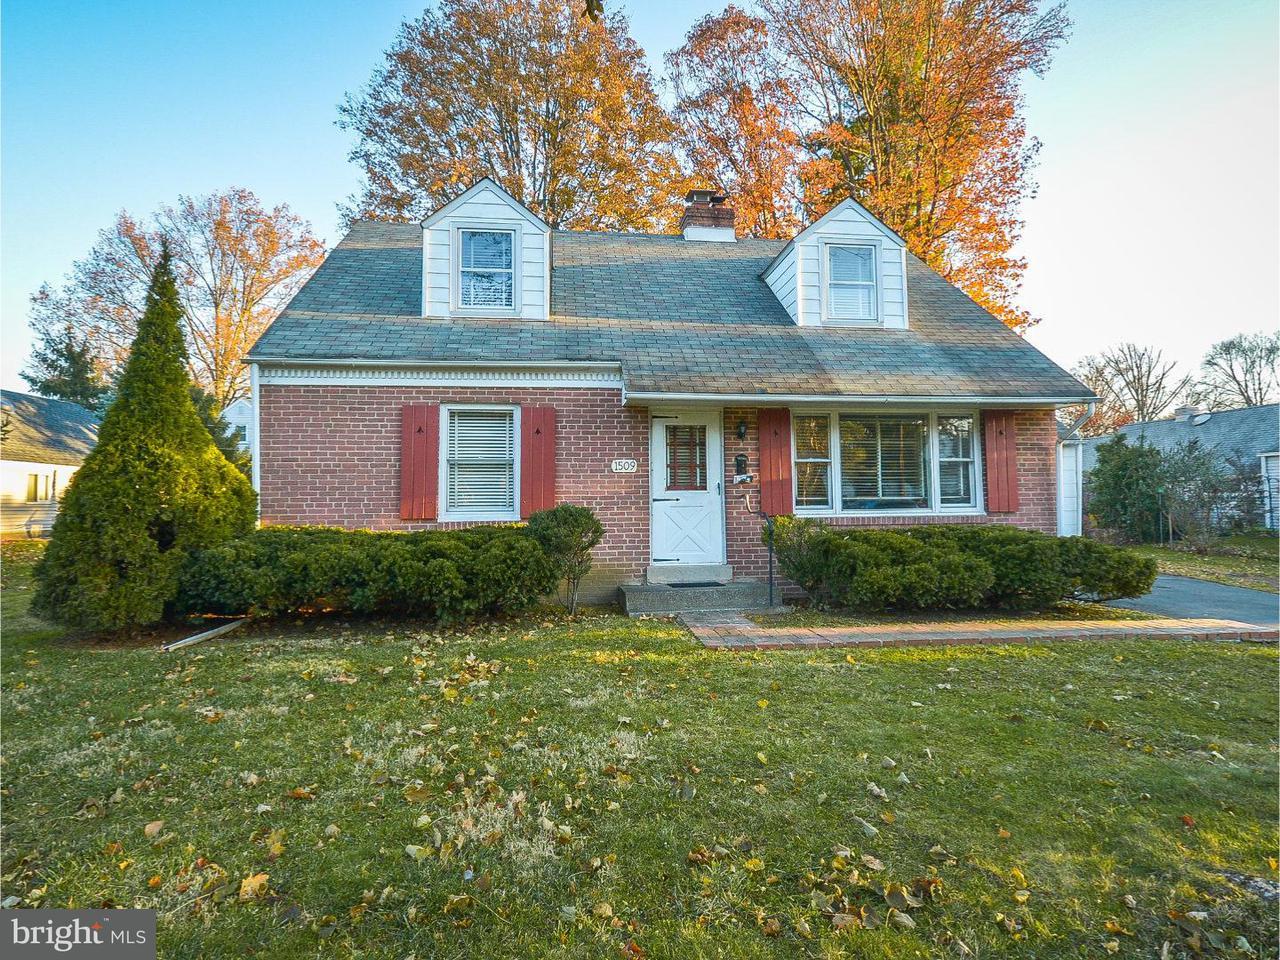 Частный односемейный дом для того Аренда на 1509 CHURCH Road Oreland, Пенсильвания 19075 Соединенные Штаты